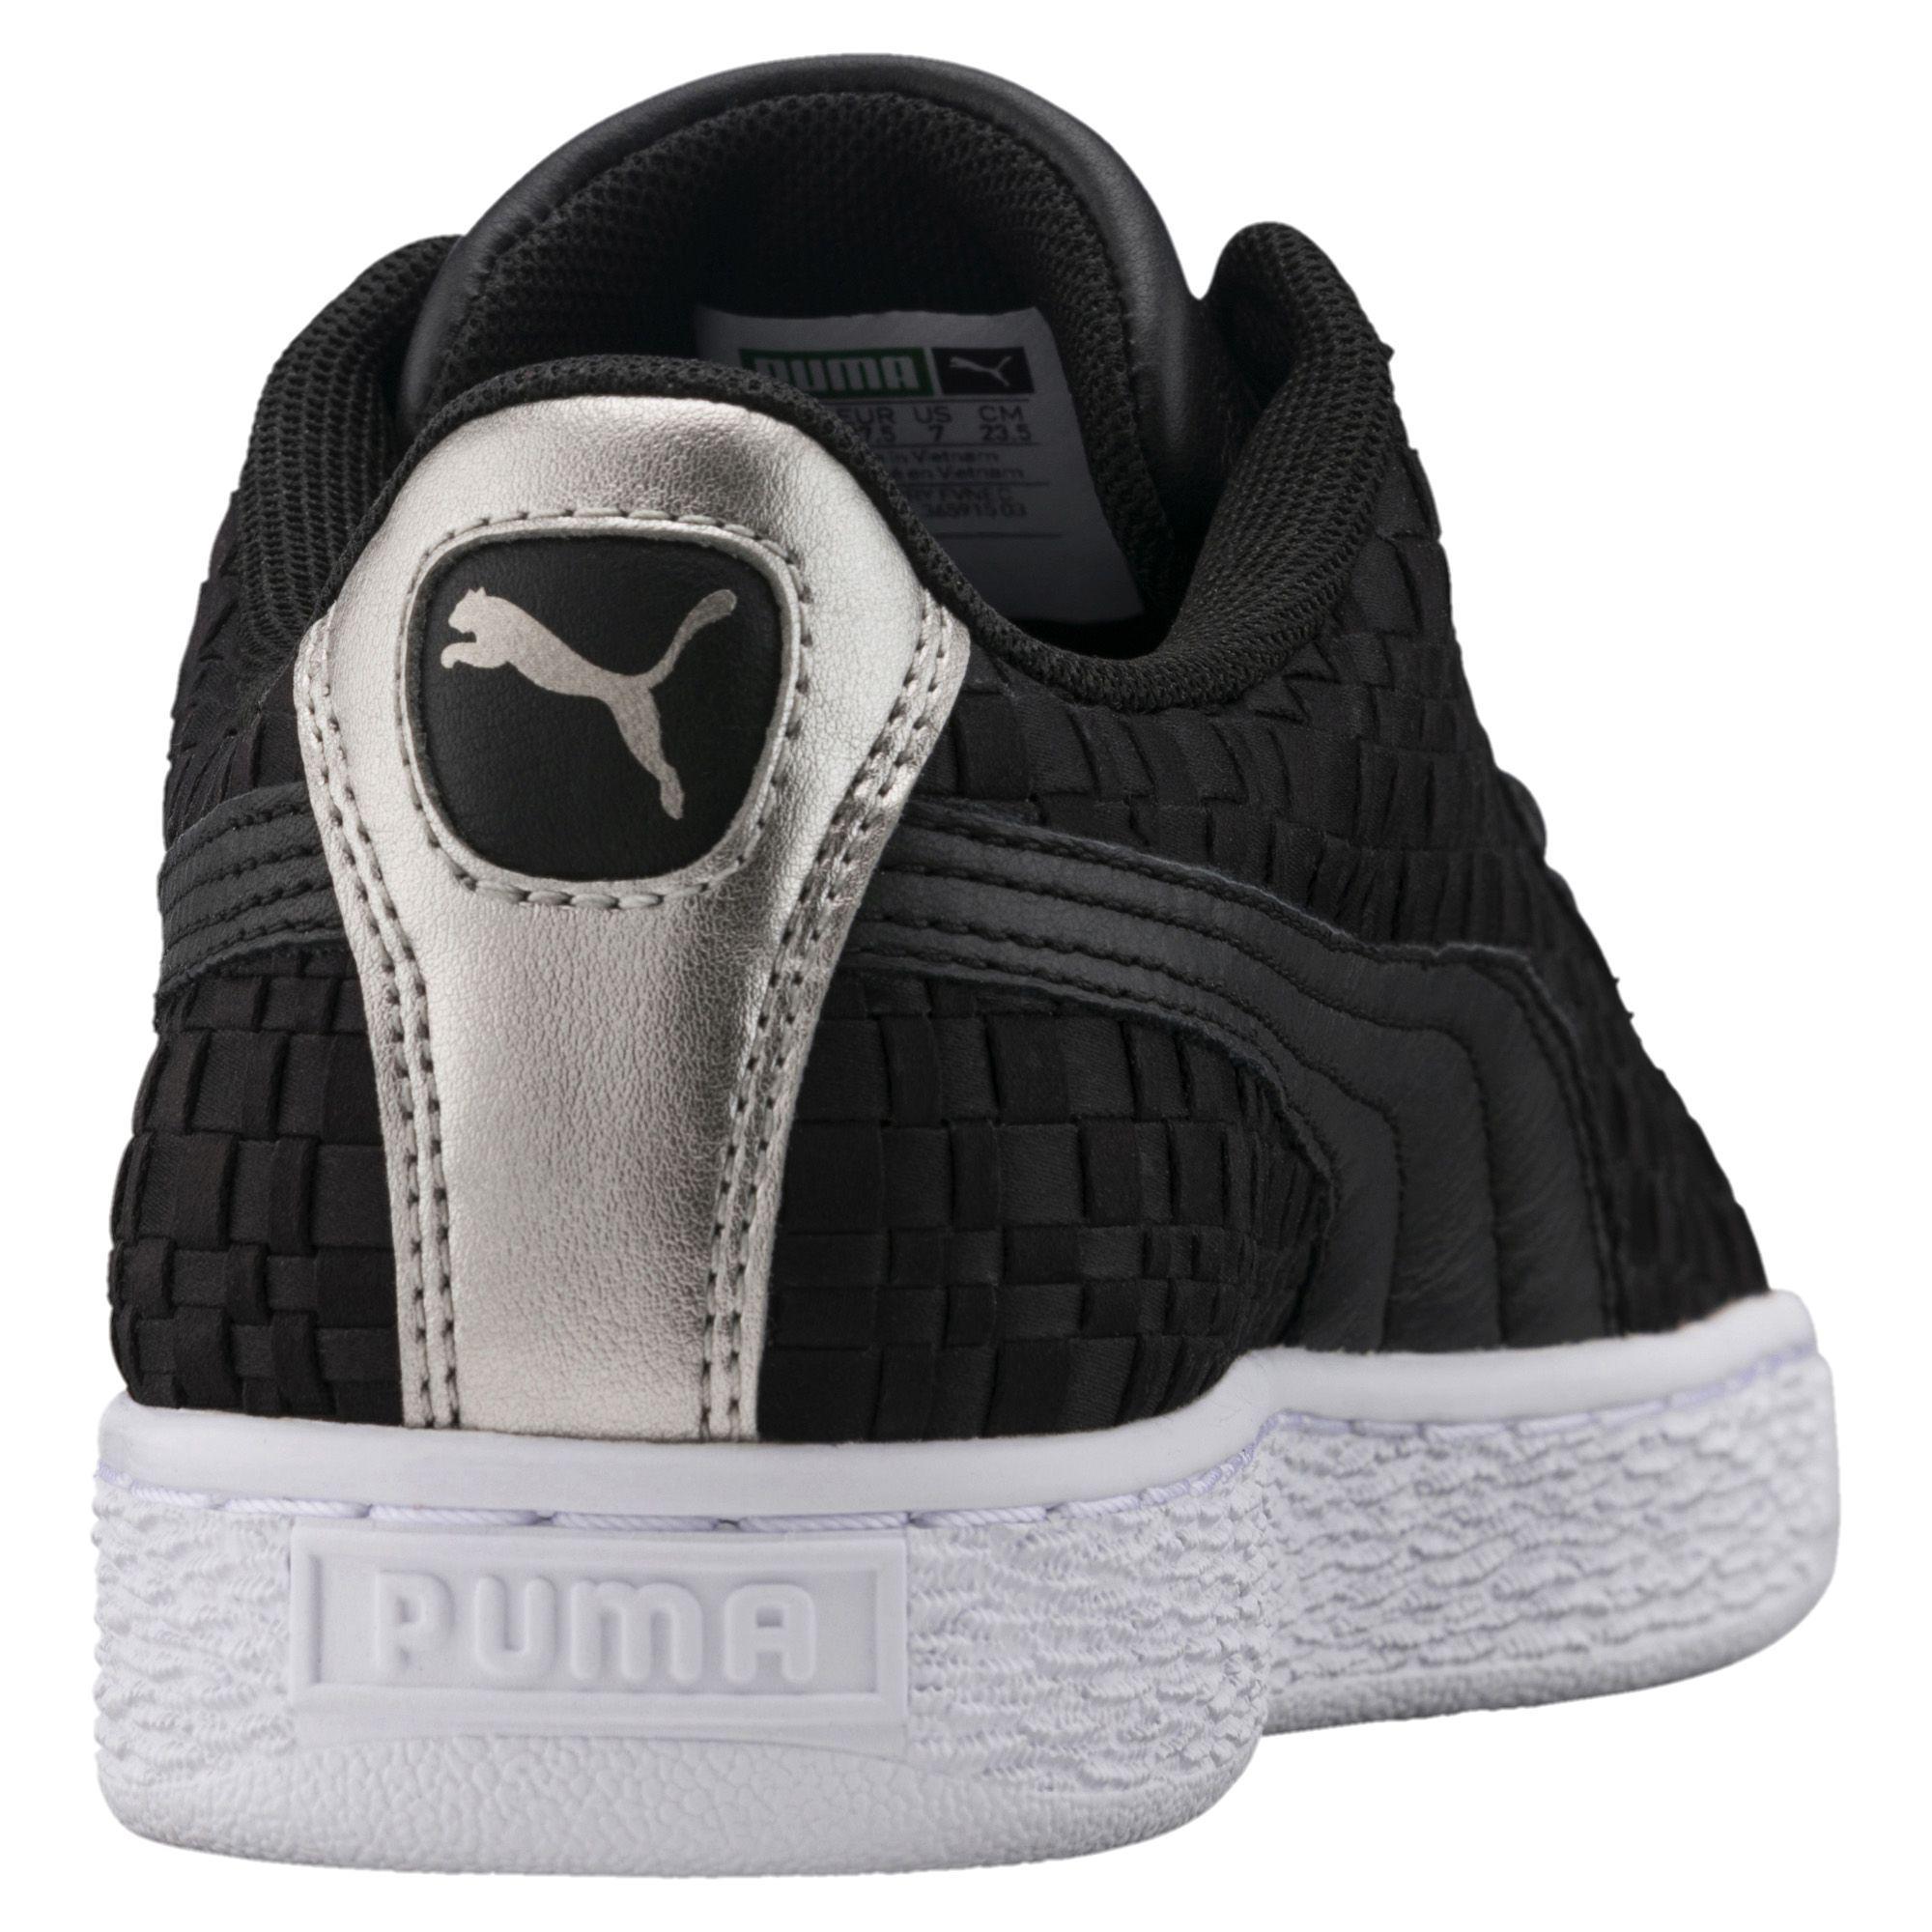 13a4fa316f7424 Lyst - PUMA Basket Satin En Pointe Women s Sneakers in Black for Men